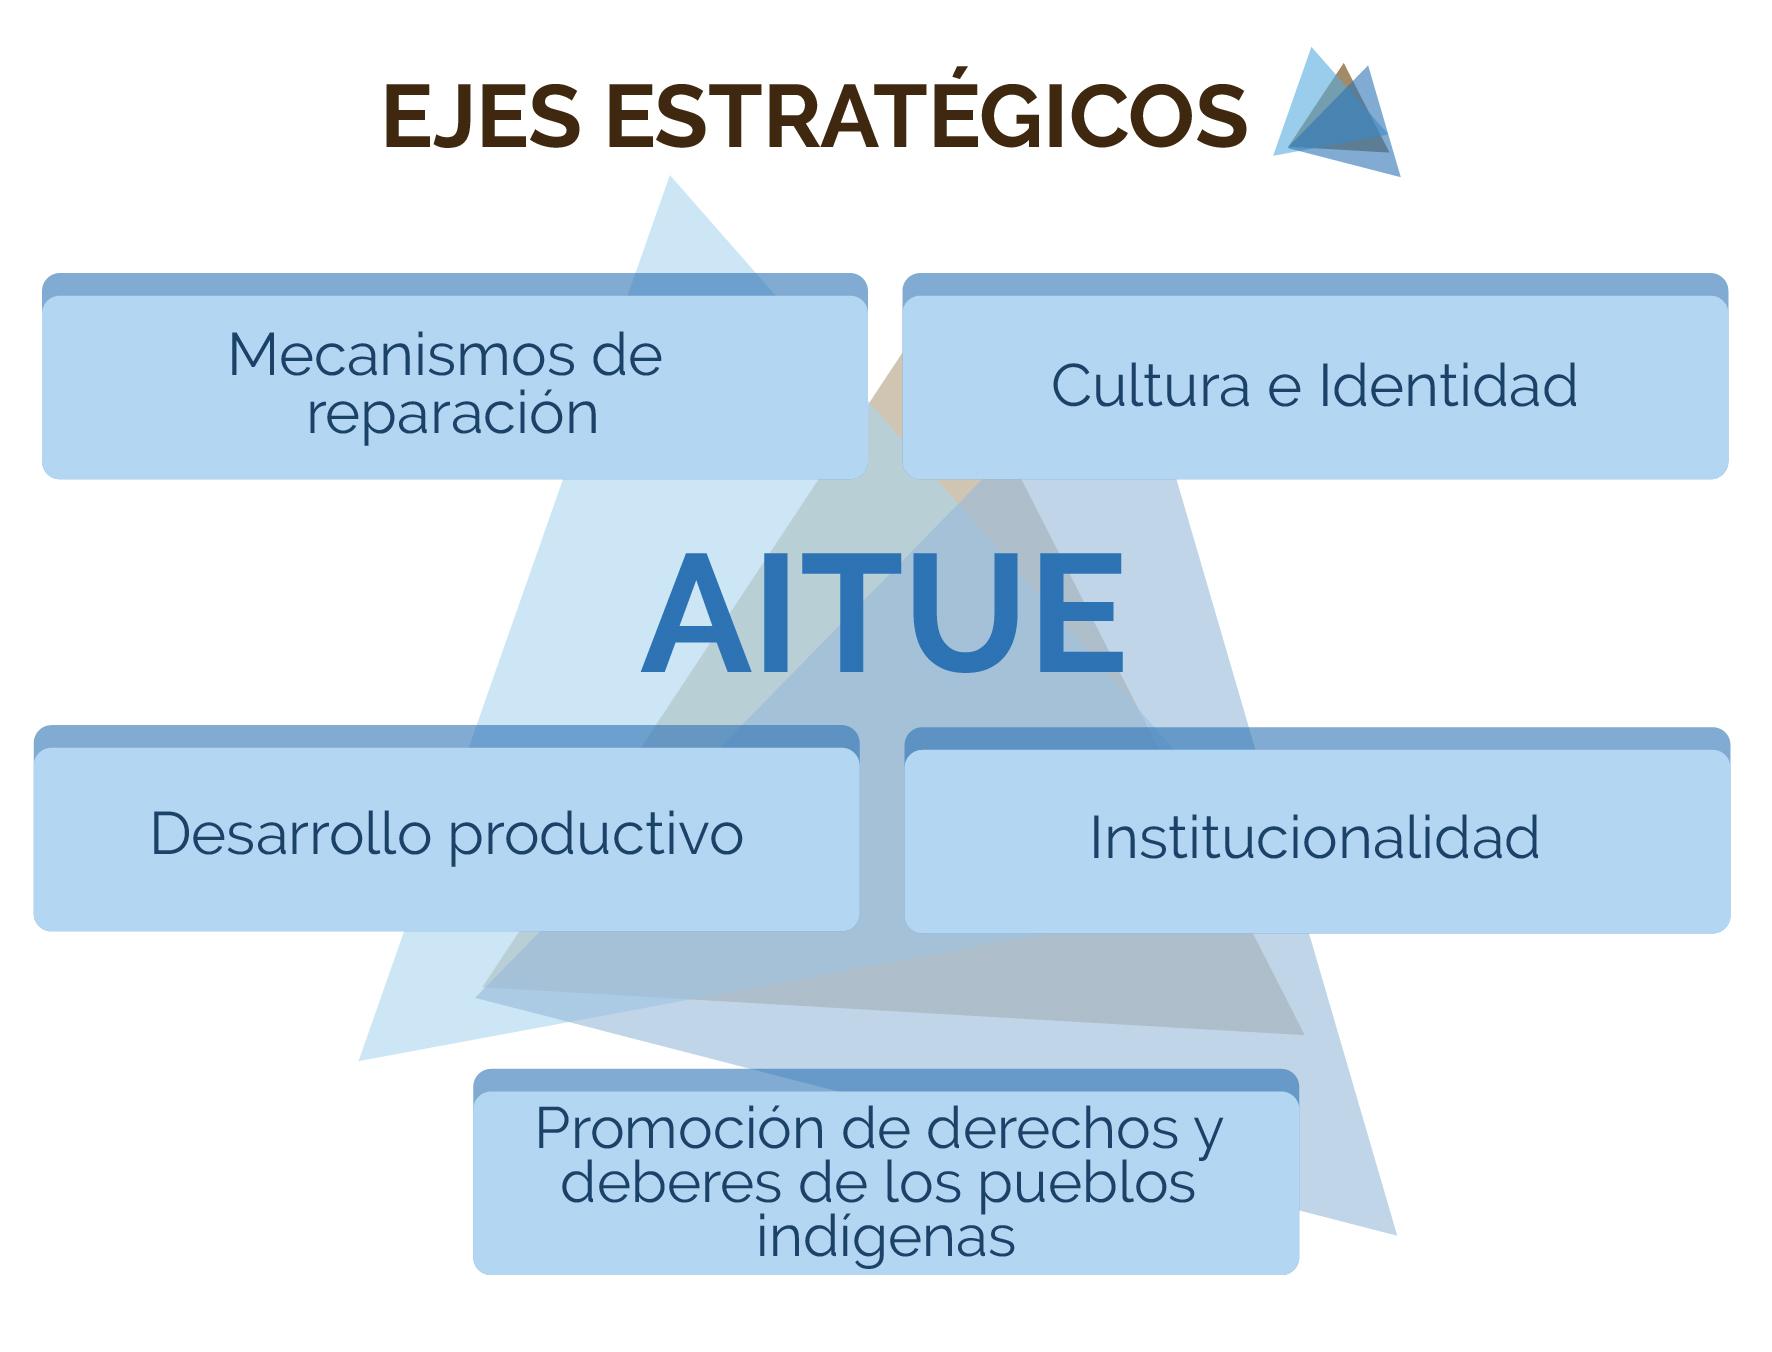 ejes-estrategicos-01